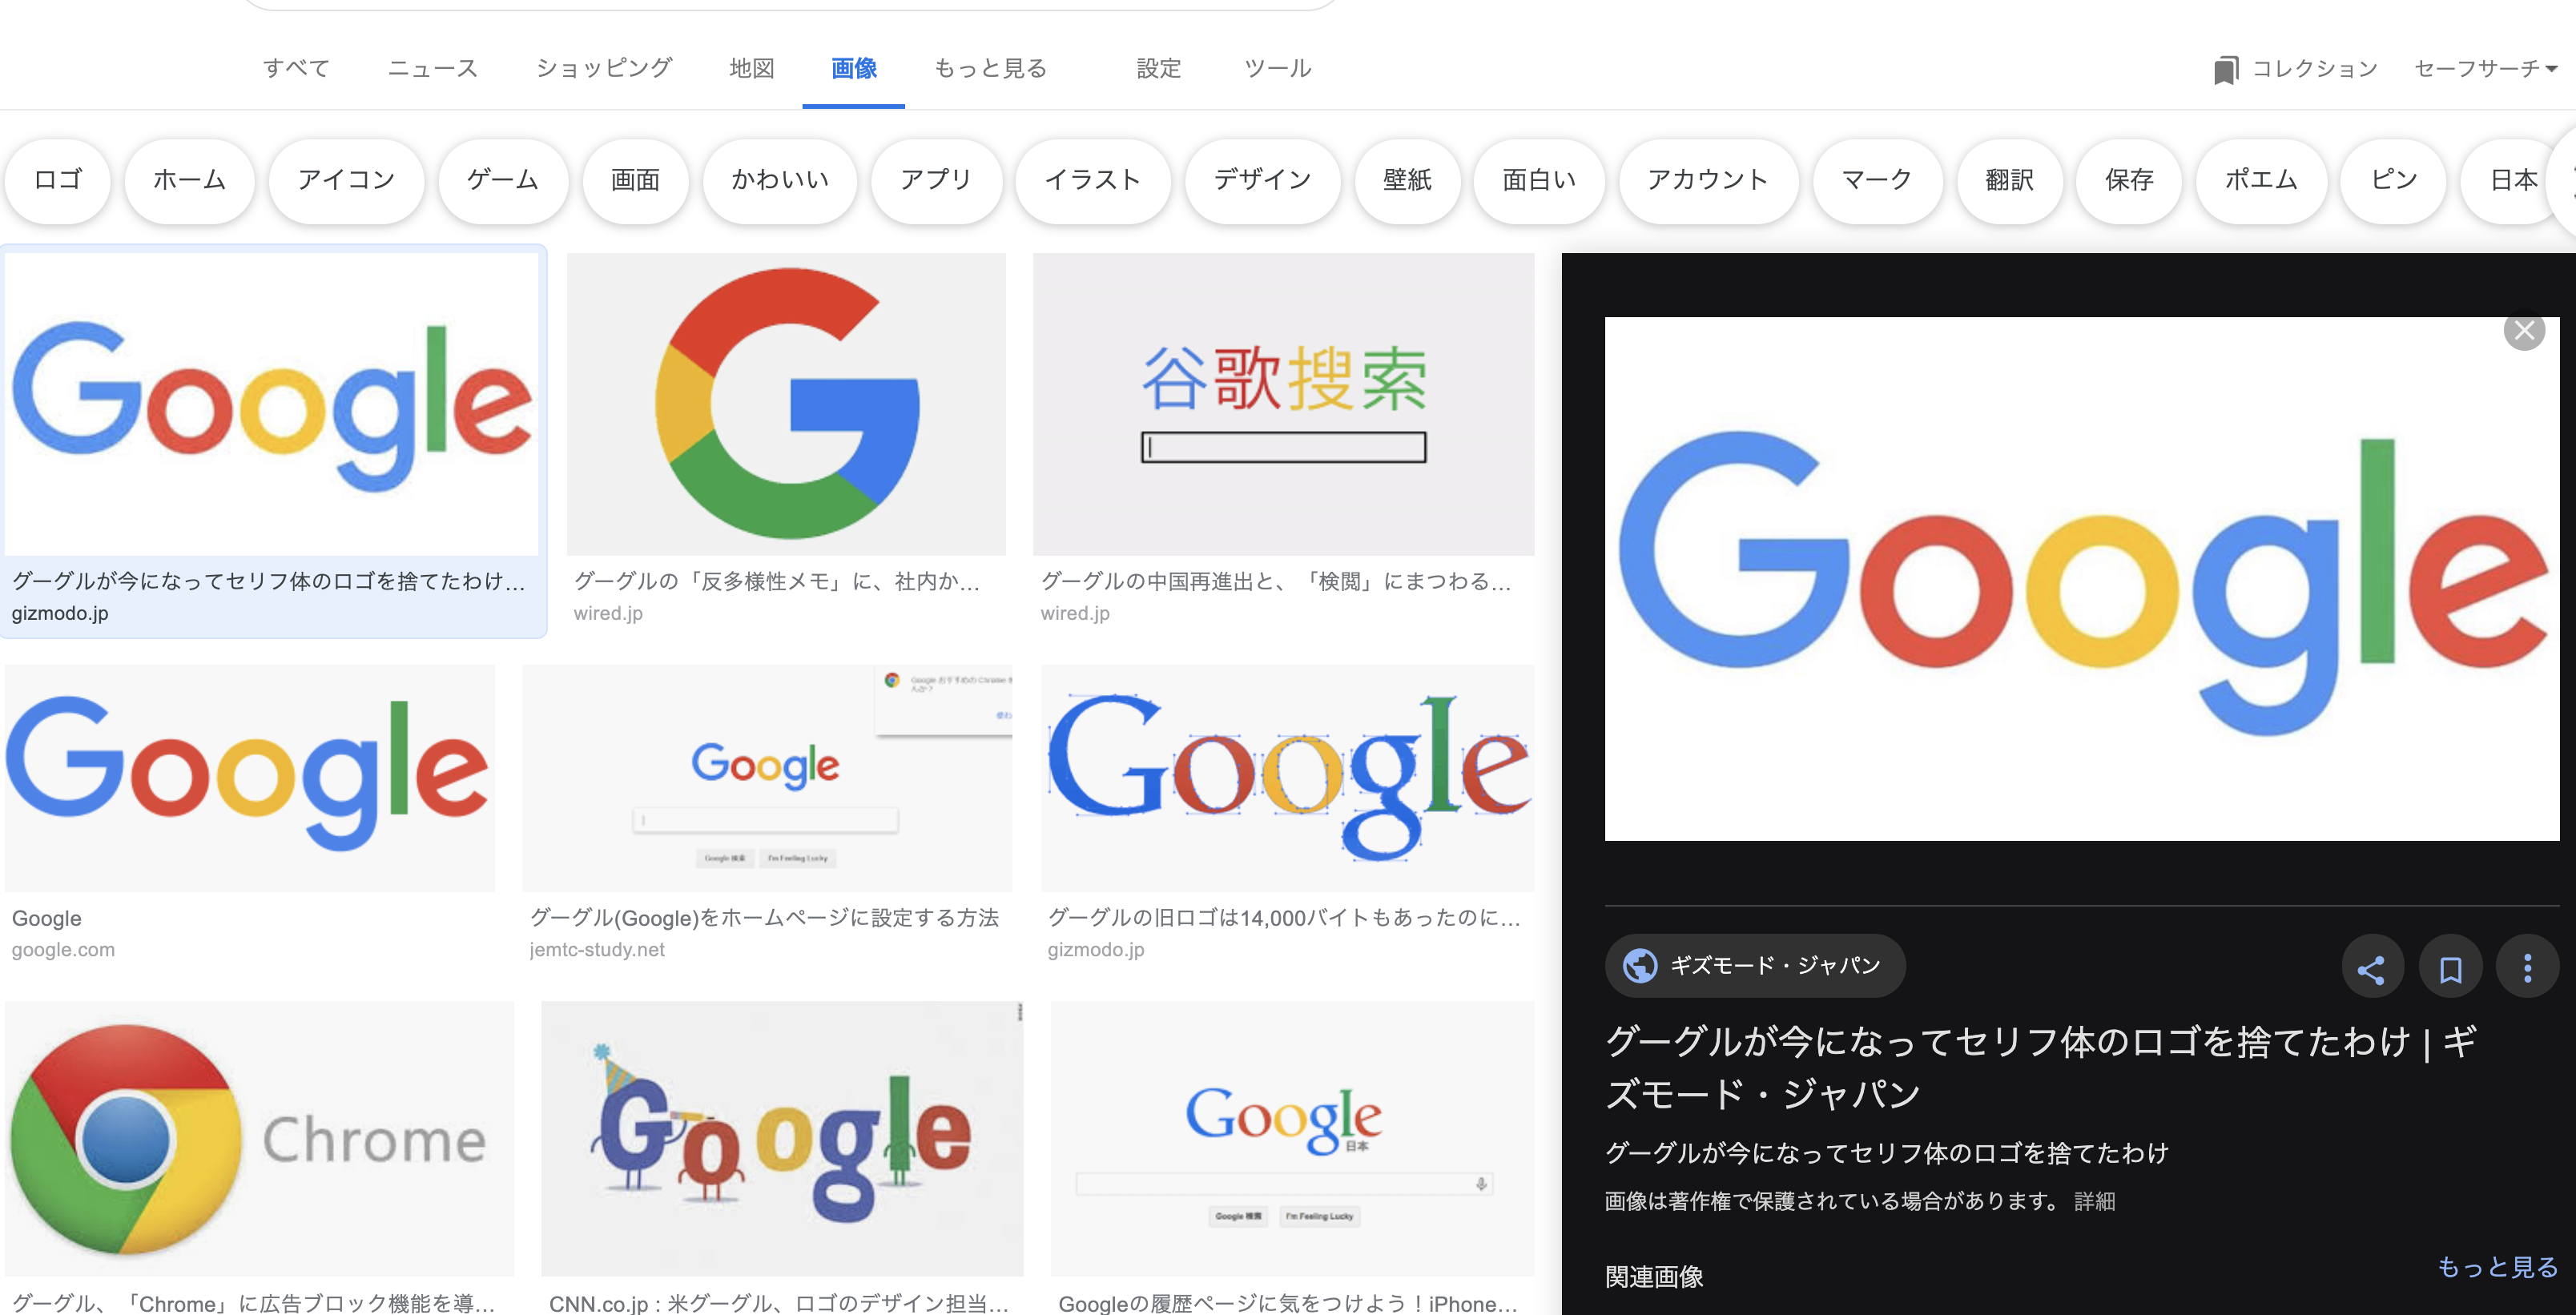 画像検索の際、検索結果をクリックした際に画面横に表示される